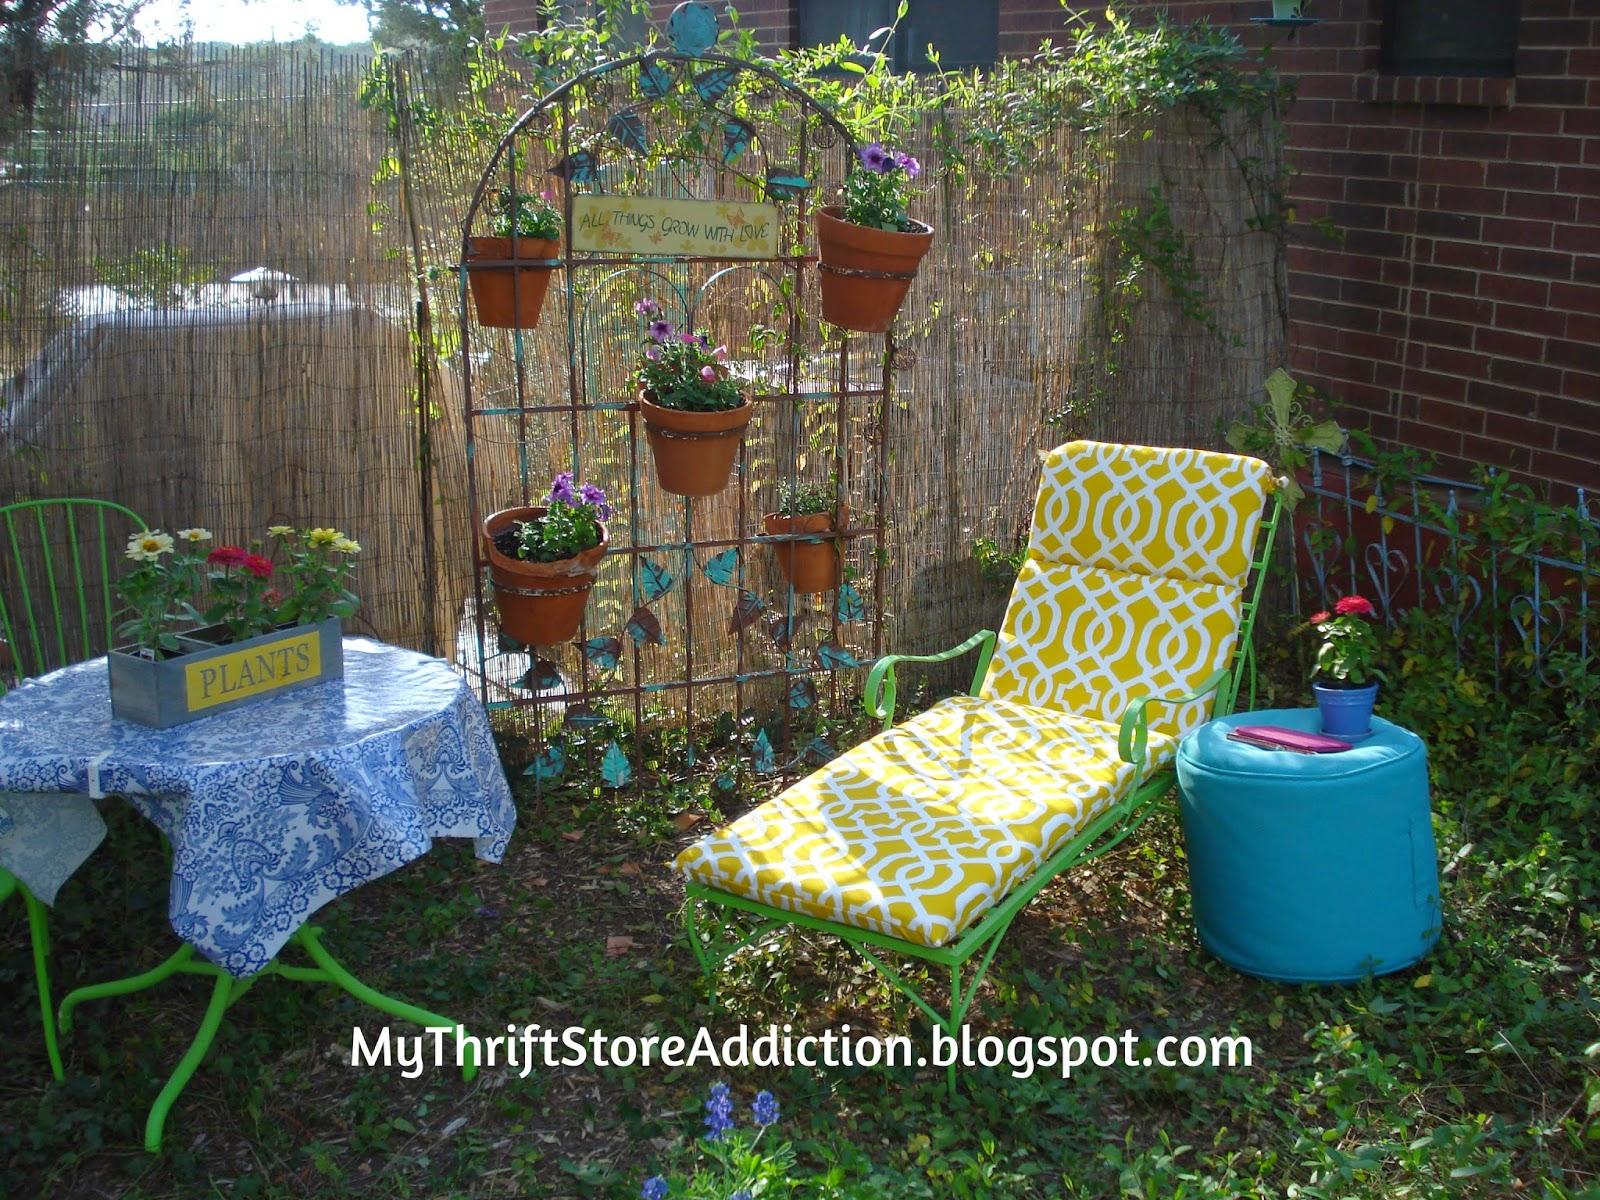 Cozy garden nook